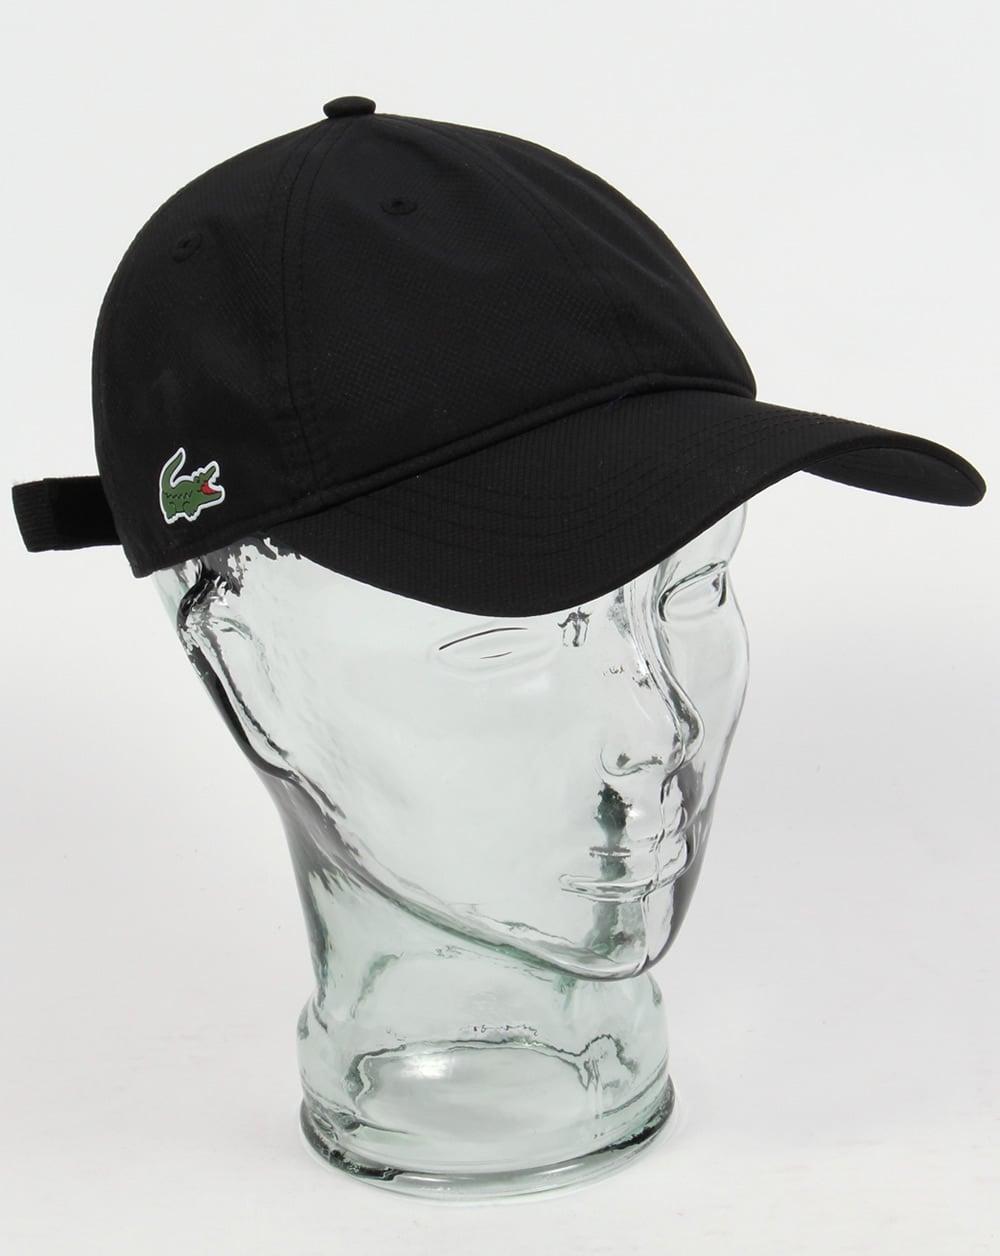 372f9419ec8f Lacoste Sport Cap Black,baseball,mens